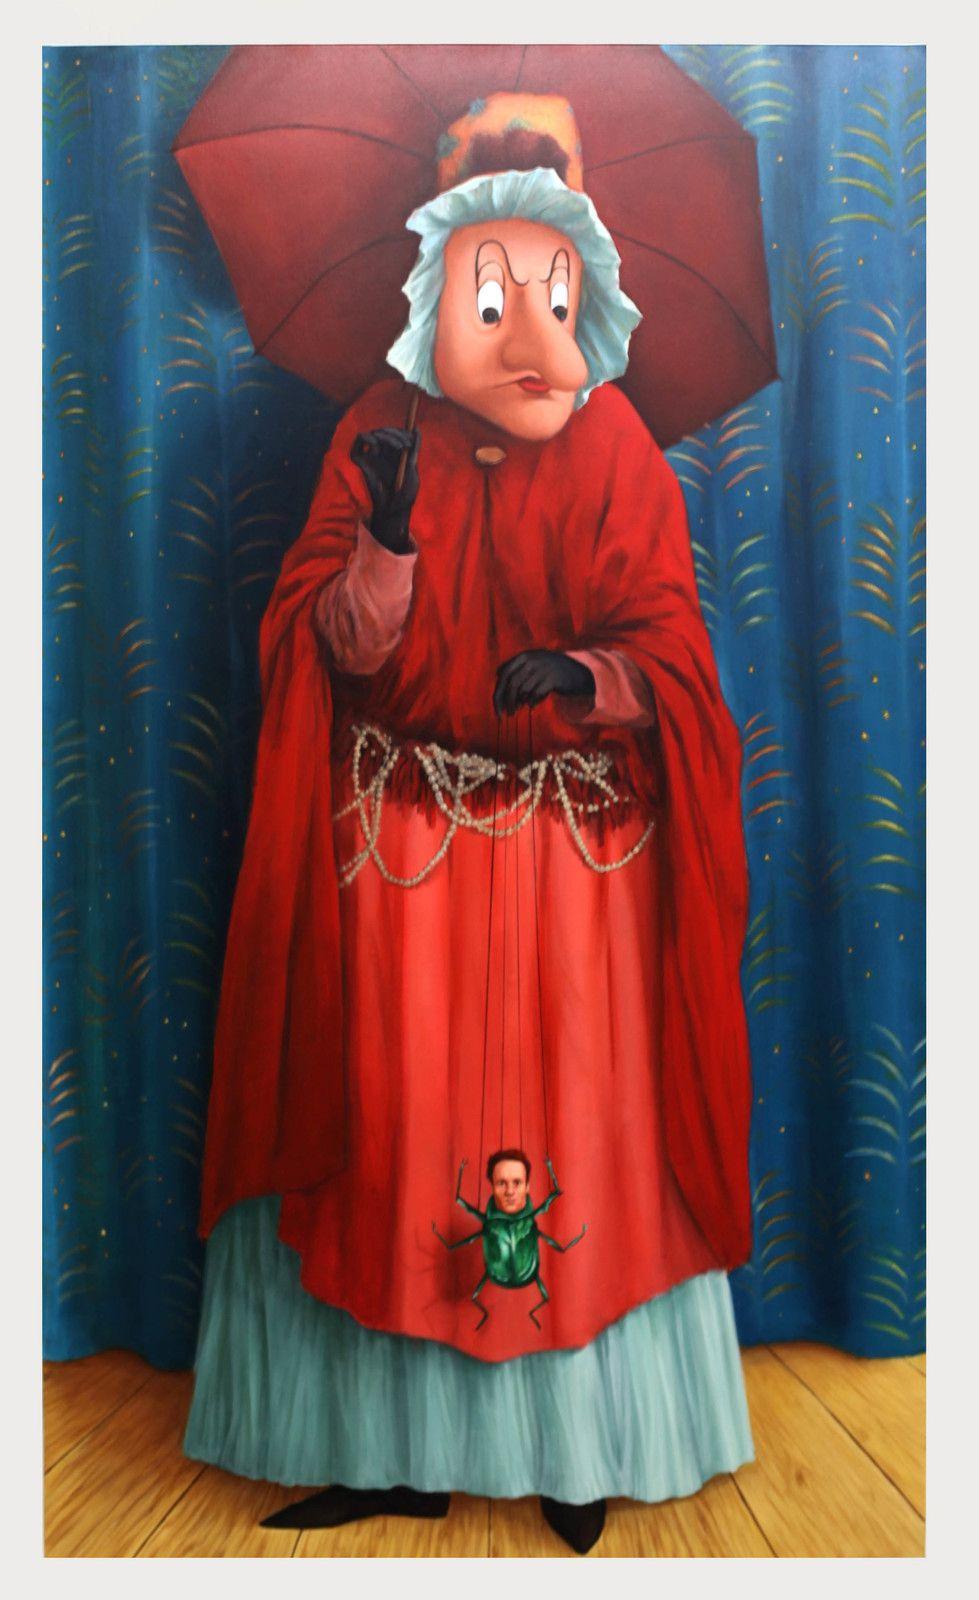 """""""Personnage à la marionnette, série Carnavals"""", 2019 de Antoine ROEGIERS - Courtesy de l'artiste et de la Galerie Suzanne TARASIEVE © Photo Éric Simon"""